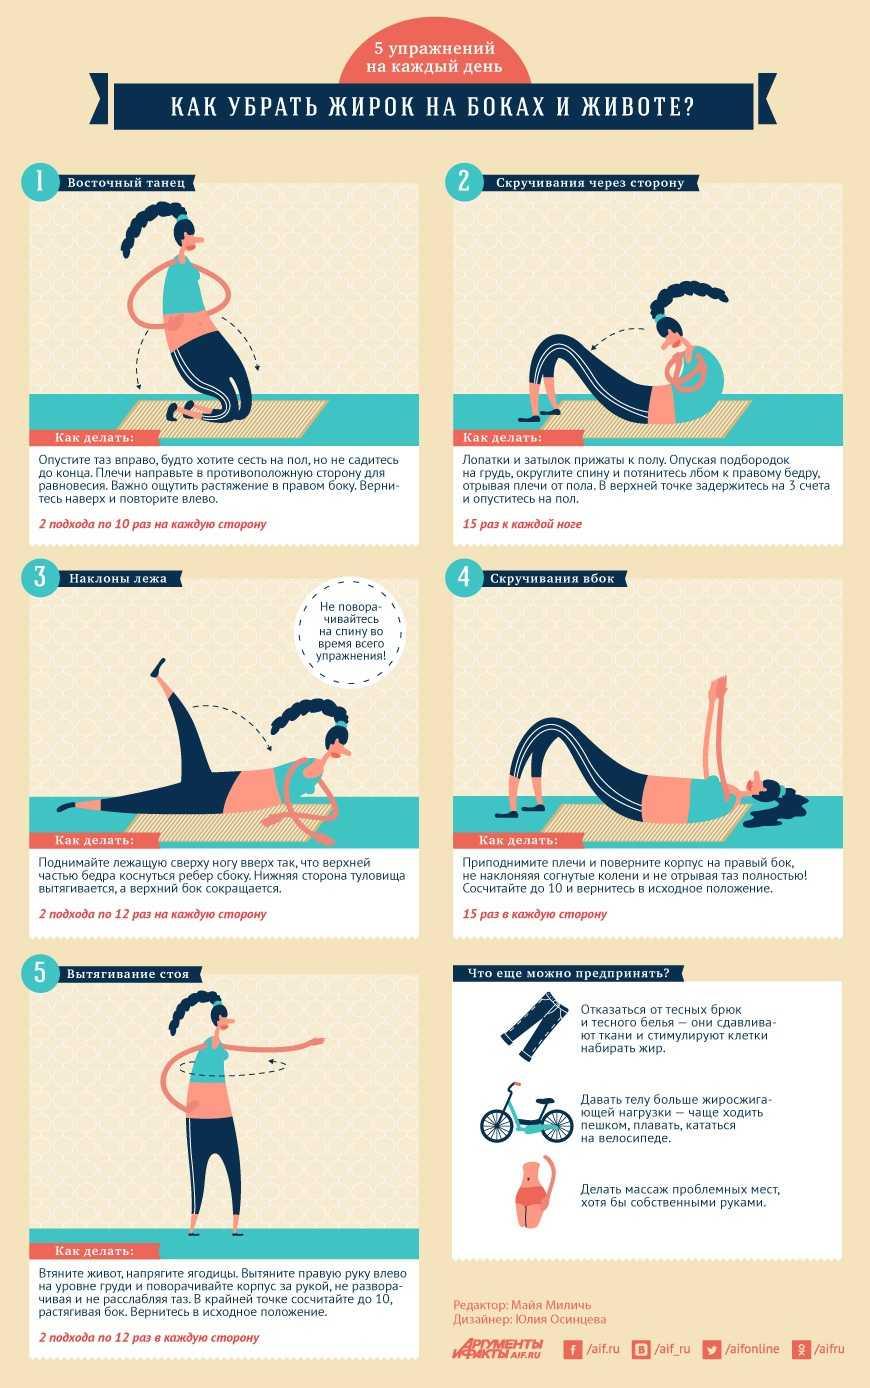 Упражнение скручивание для пресса: техника выполнения и вариации